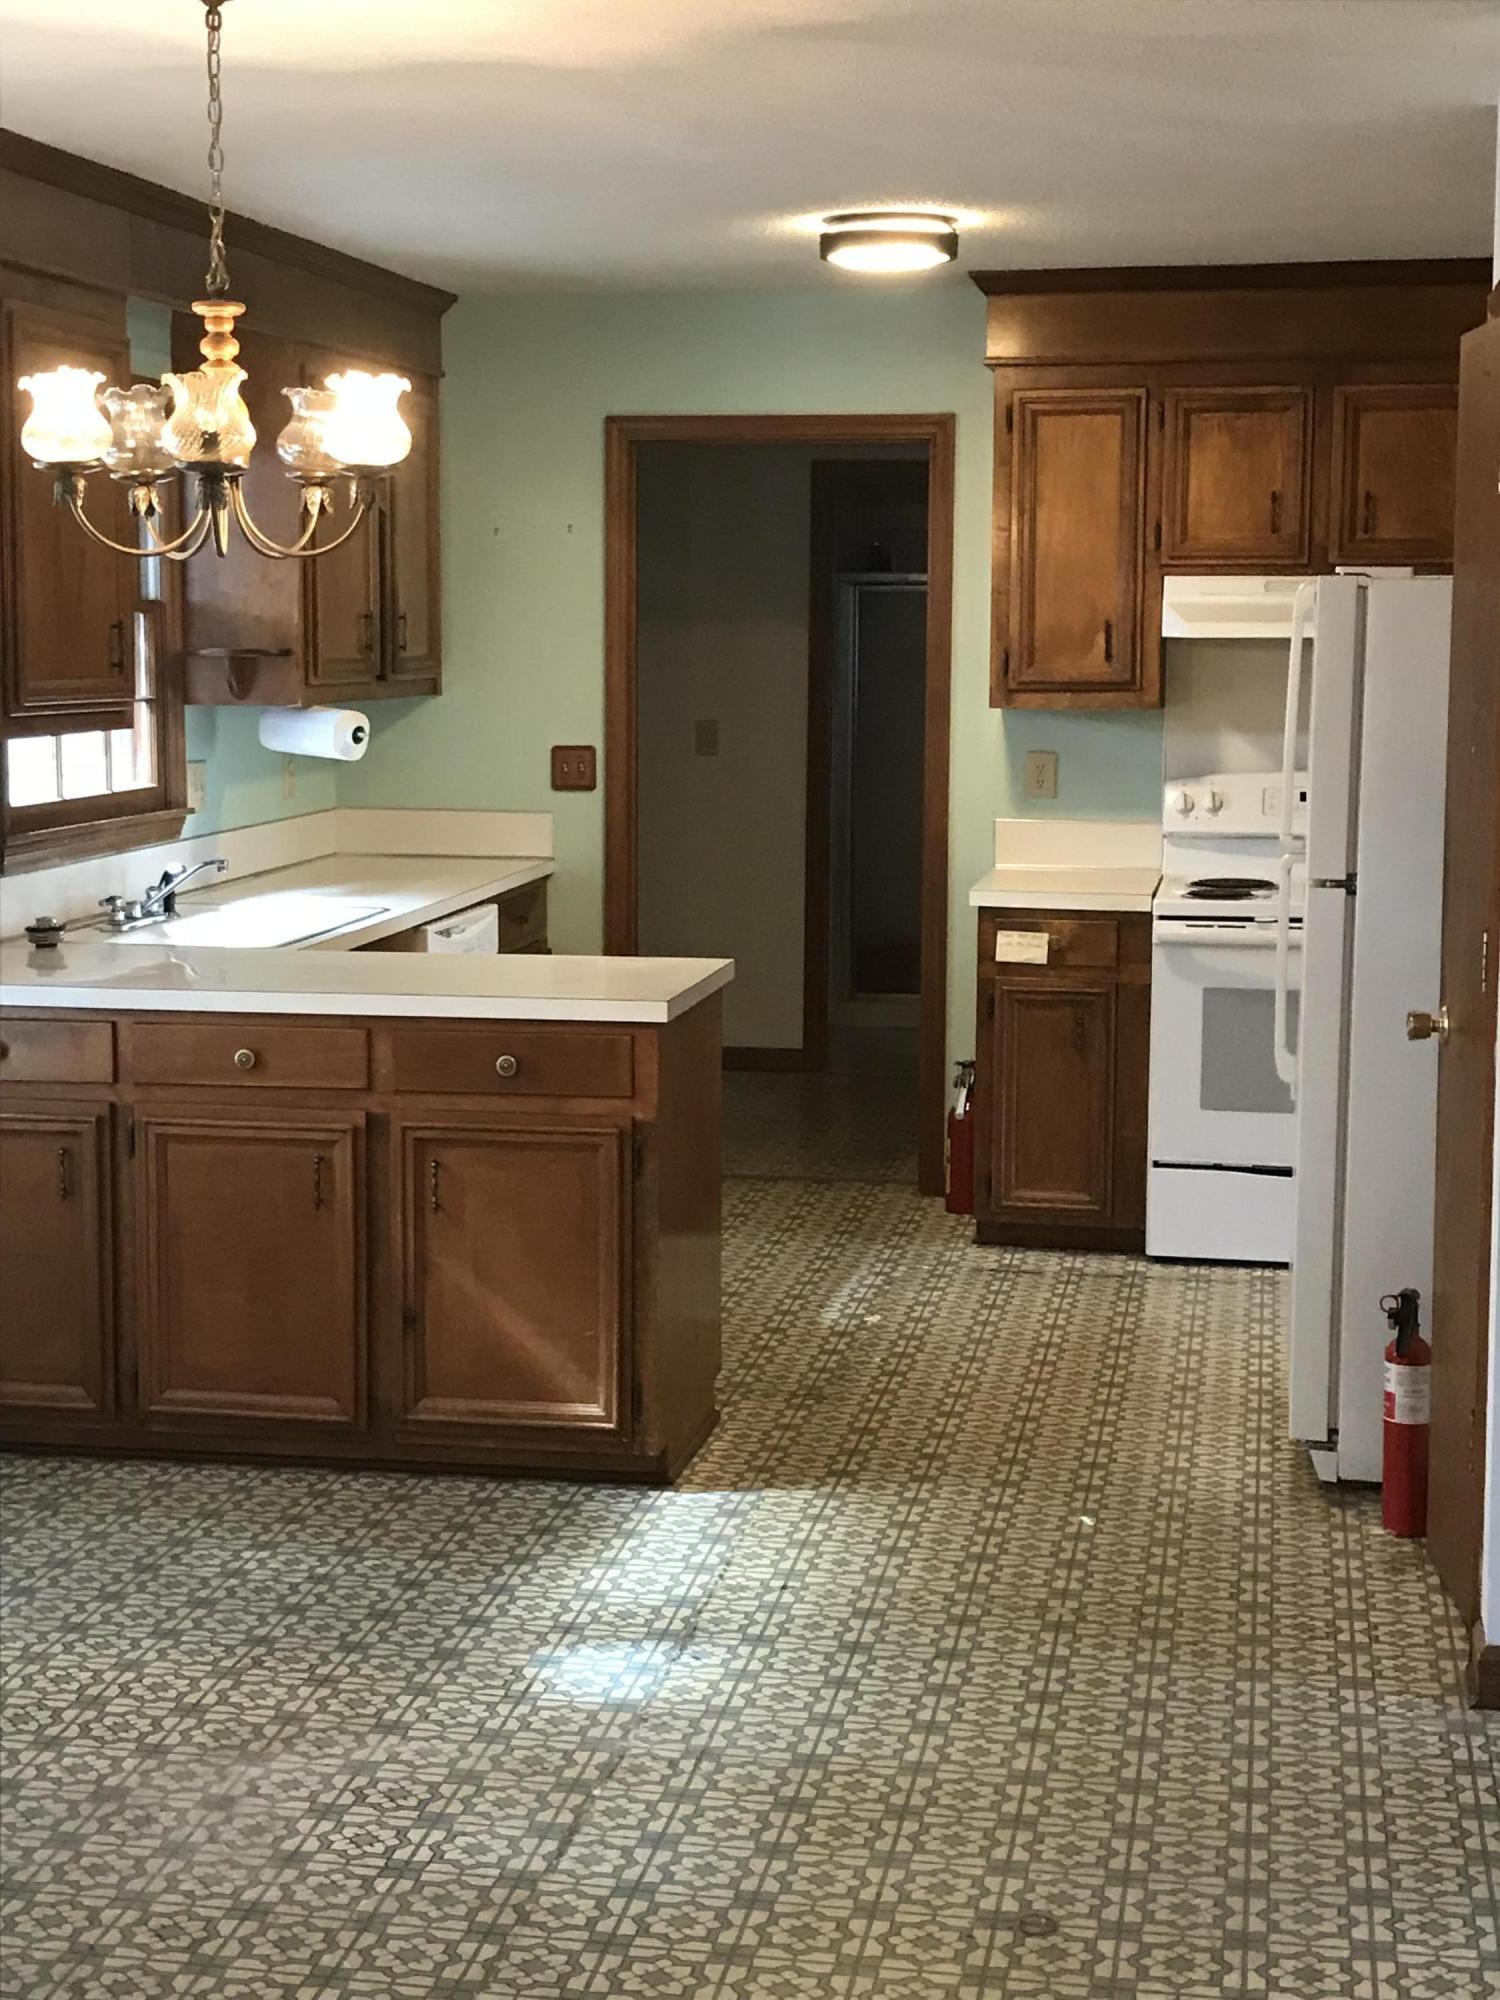 St James Estates Homes For Sale - 103 Westminster, Goose Creek, SC - 26